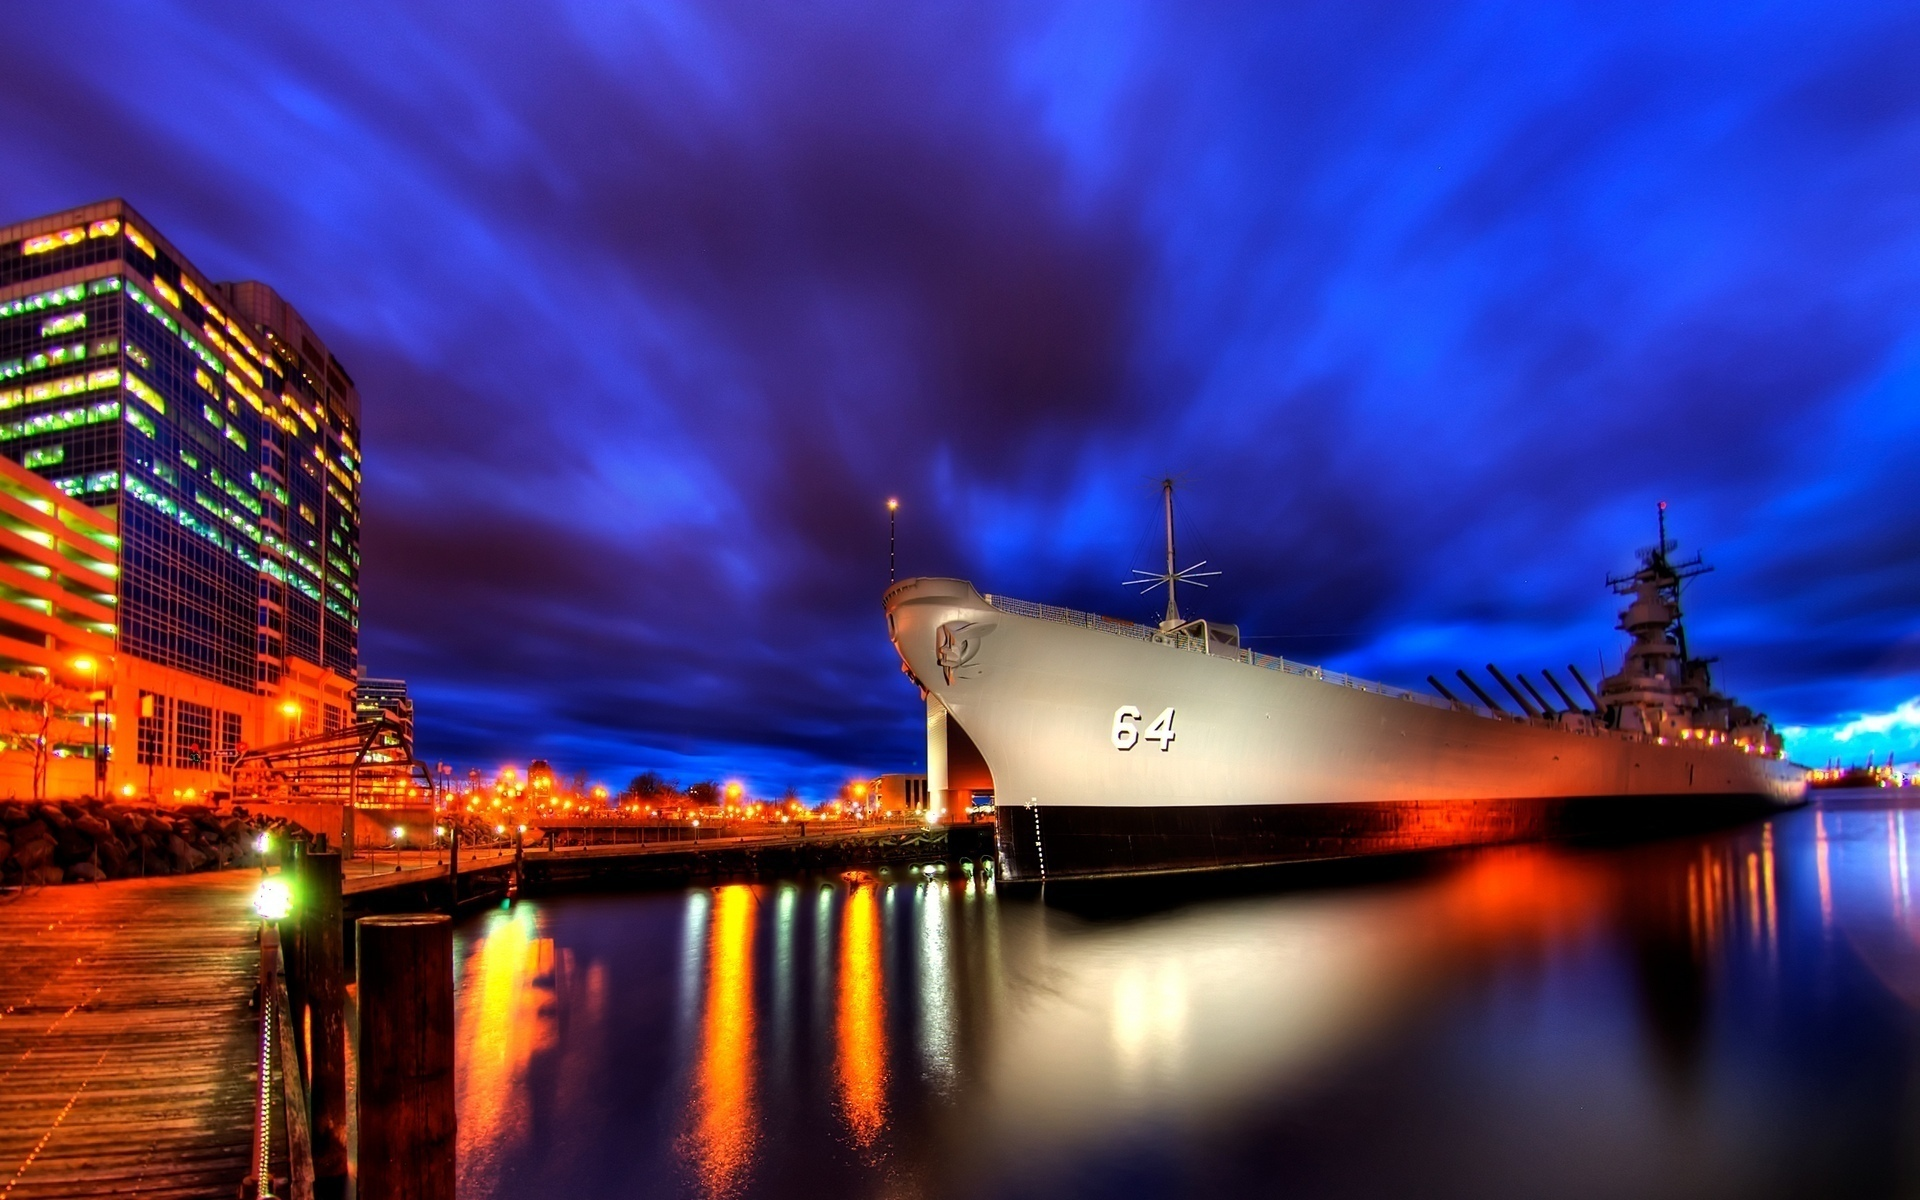 природа мост порт корабли ночь nature the bridge port ships night скачать